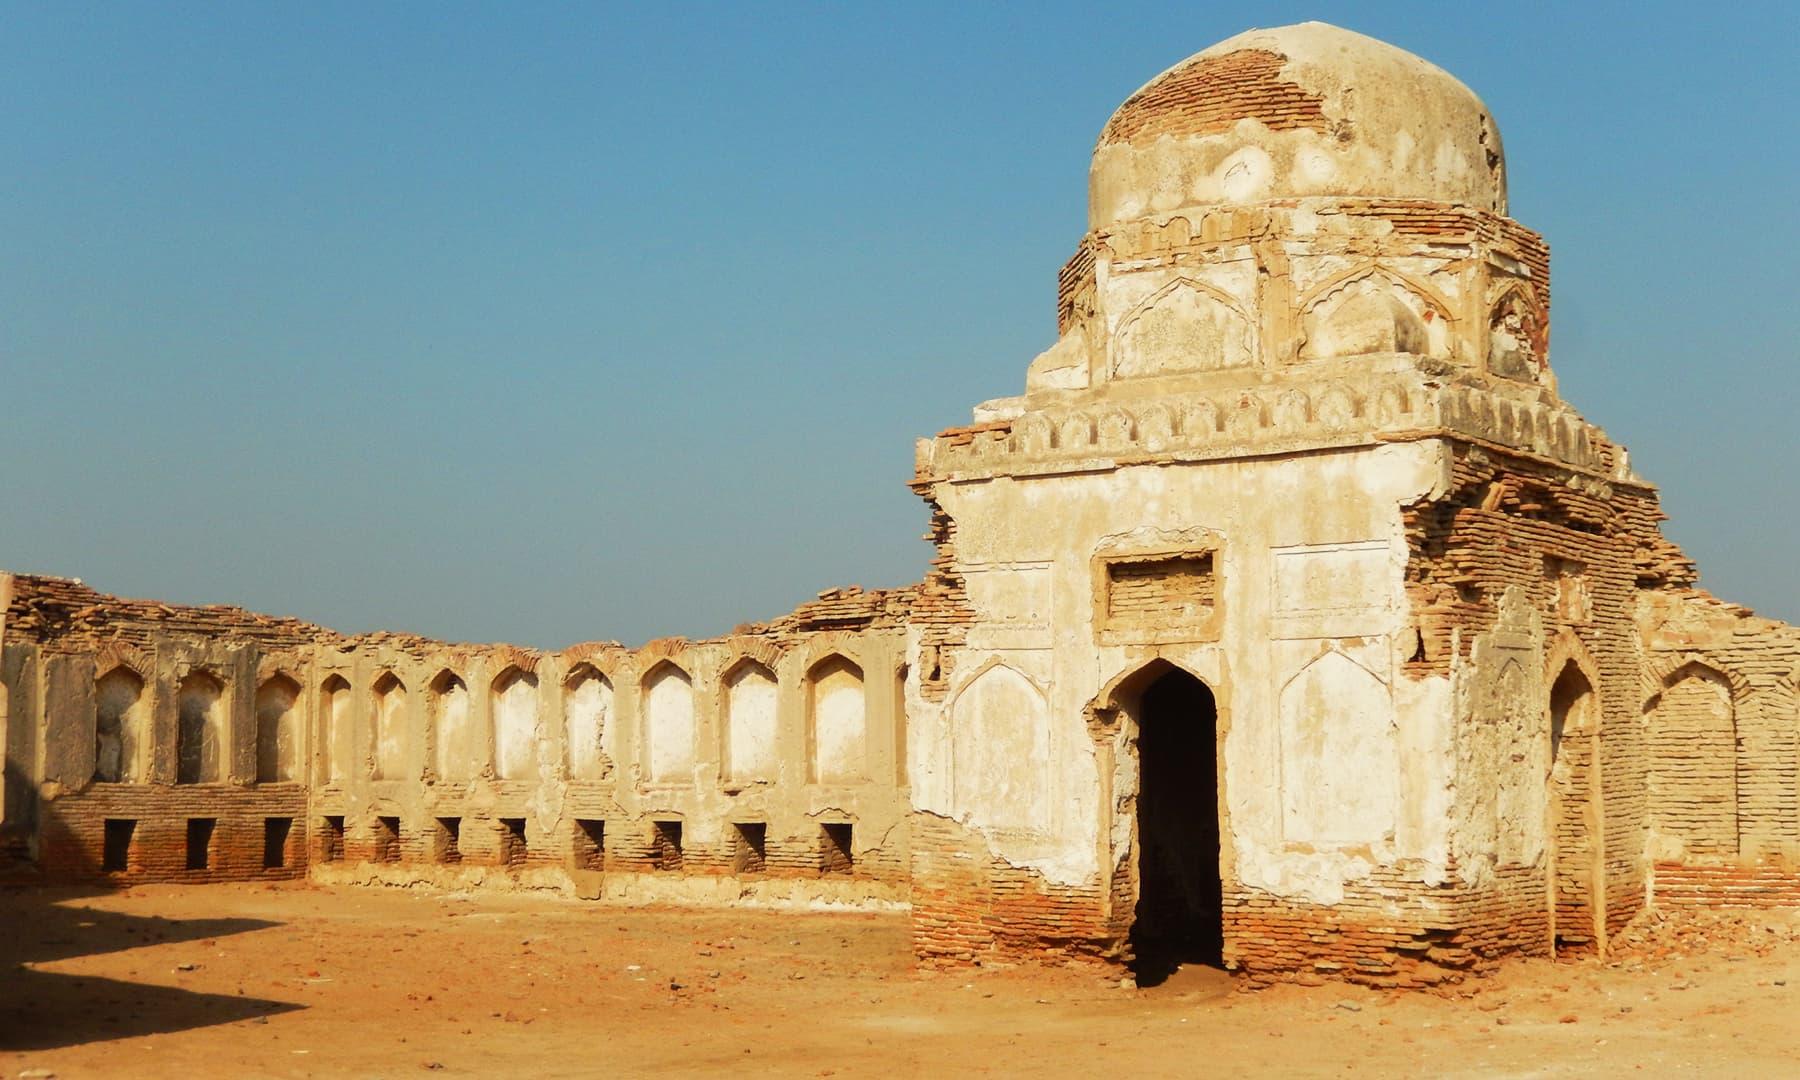 شمالی مسجد میں داخل ہونے کا گنبدی دروازہ—تصویر ابوبکر شیخ